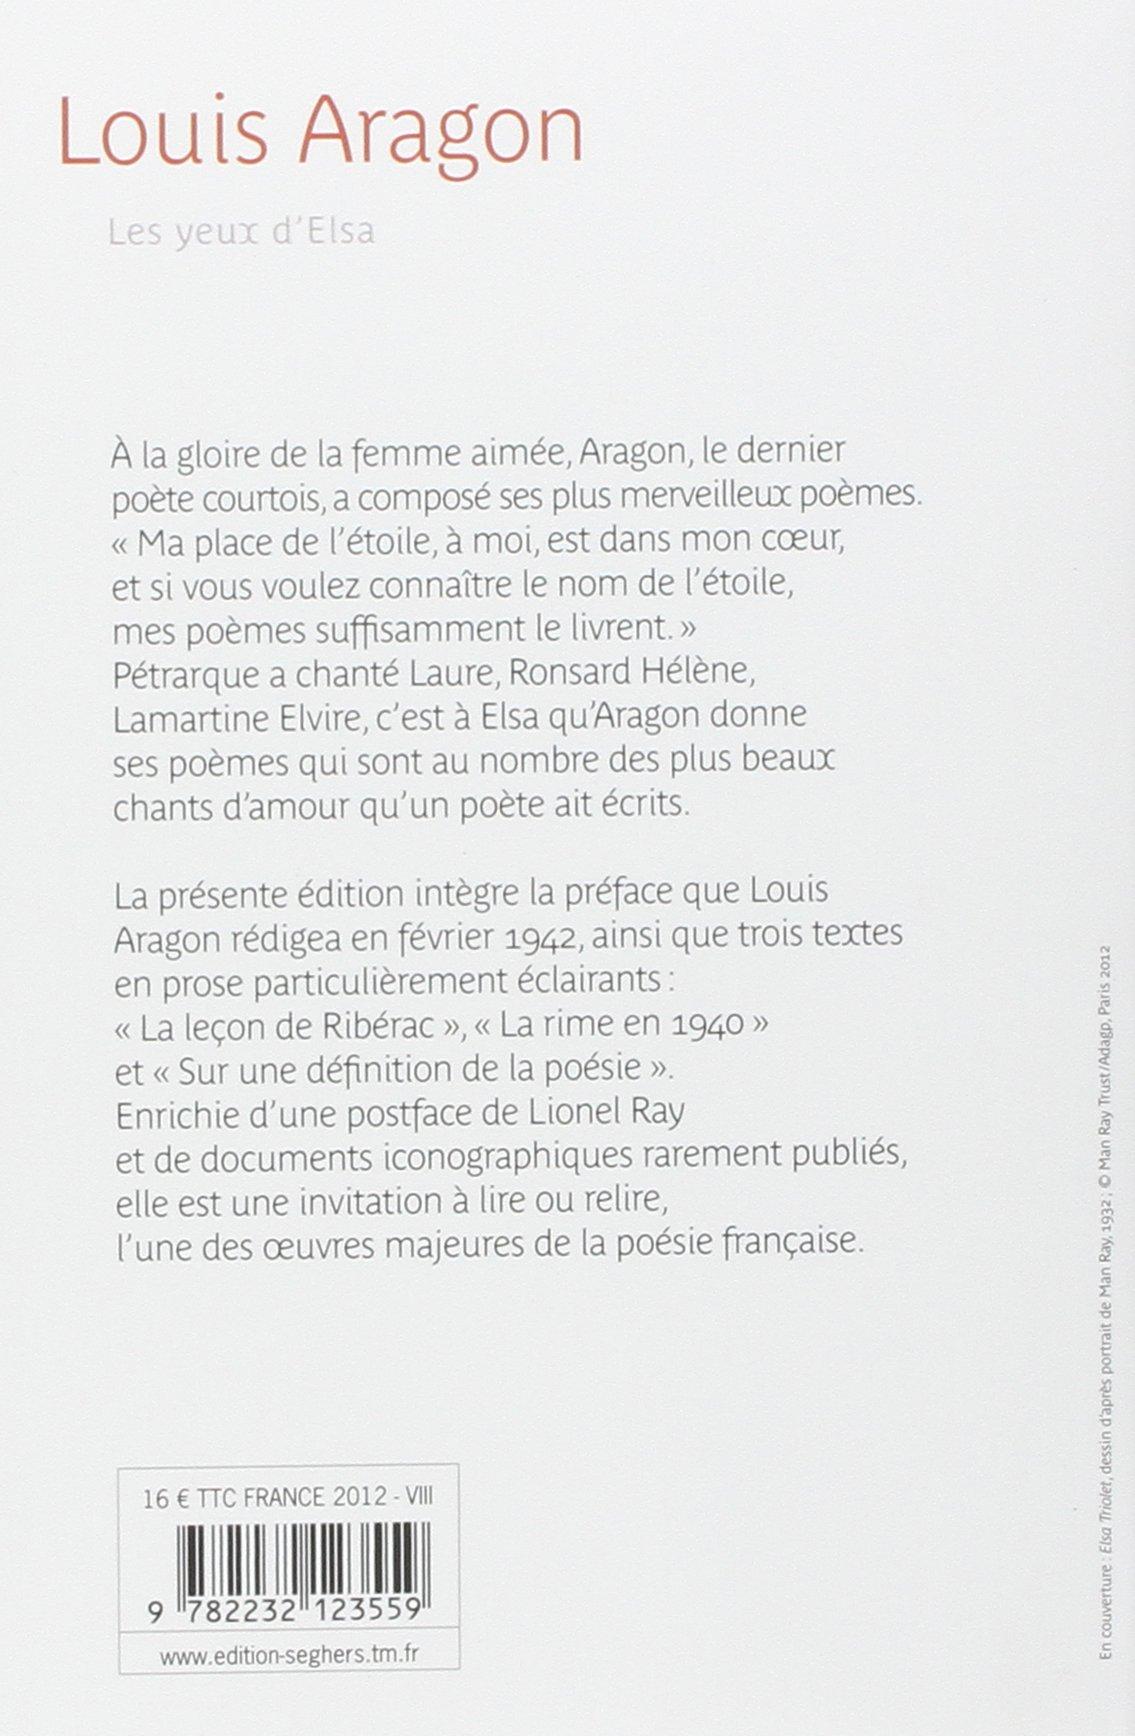 Les Yeux Delsa Poésie Dabord Amazones Louis Aragon